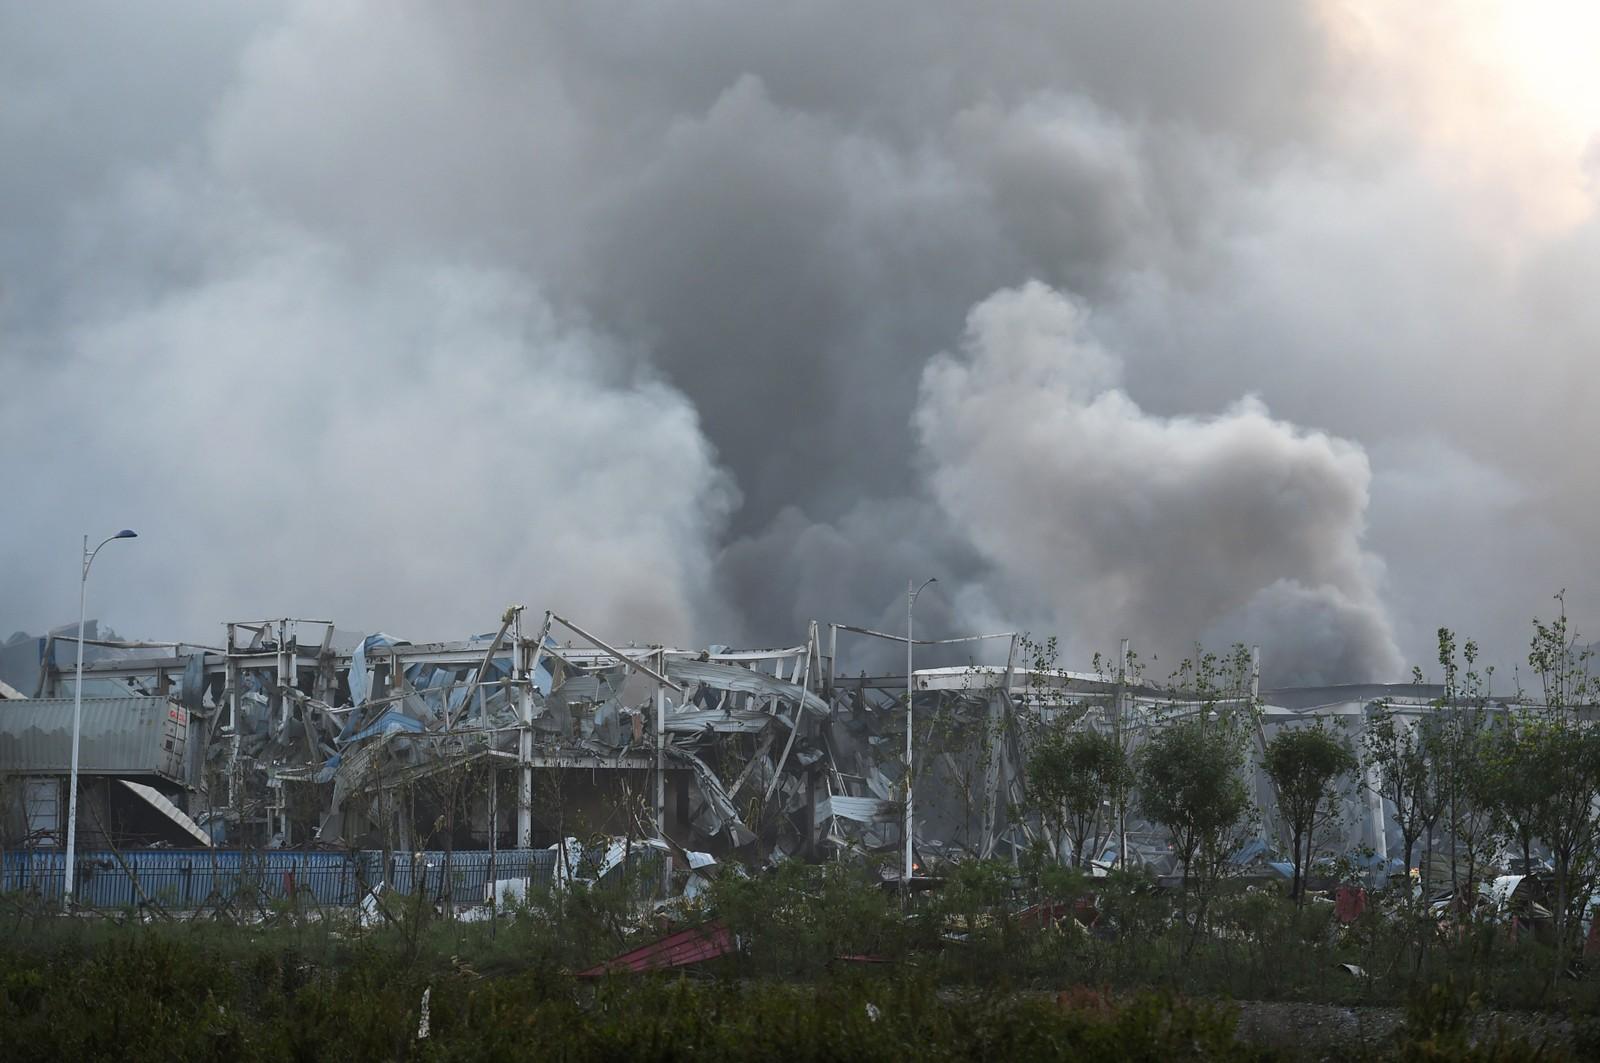 FORTSATT MYE RØYK: Røyken velter fortsatt ut fra eksplosjonsområdet når det gryr mot dag i Tianjin-provinsen.